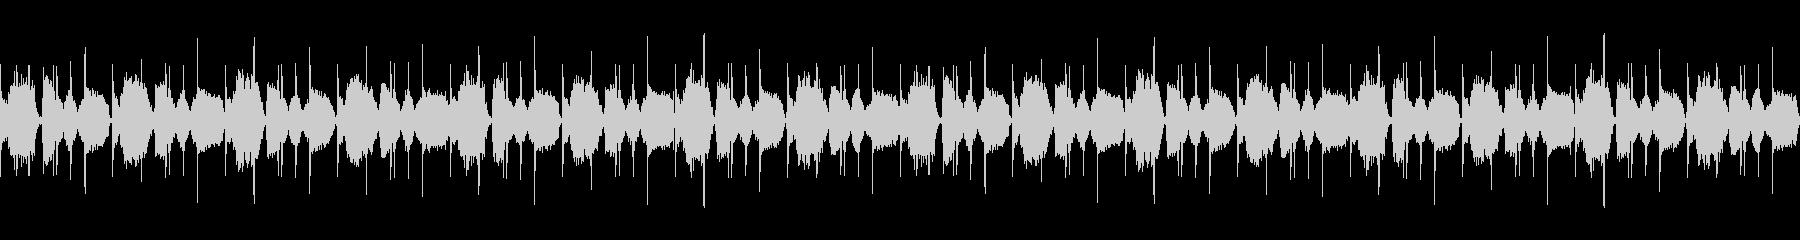 Lo-Fi HipHopのBGM用の未再生の波形